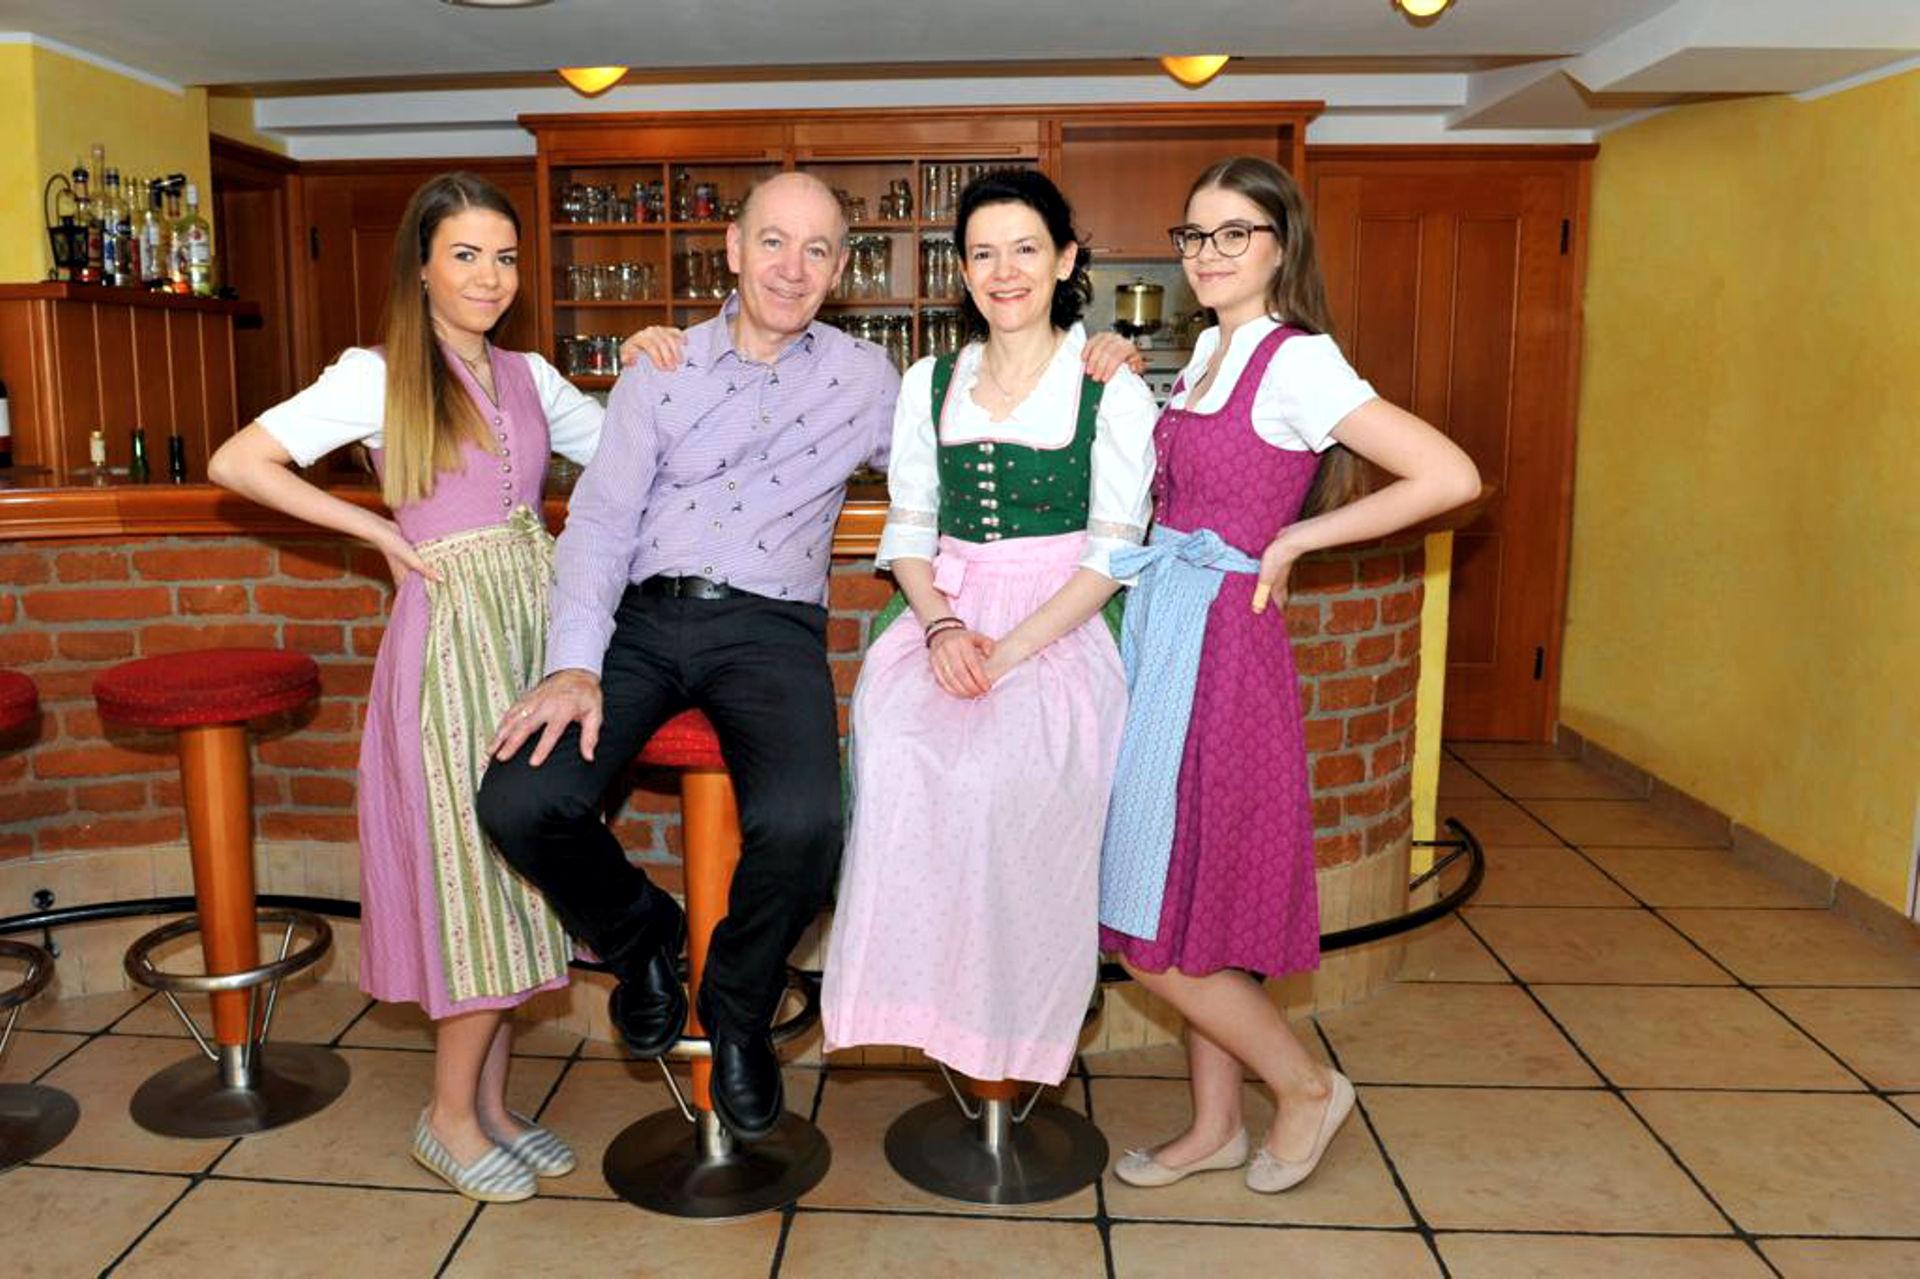 Familie Enichlmayr vom Wellness-Hotel-Gasthof Enichlmayr